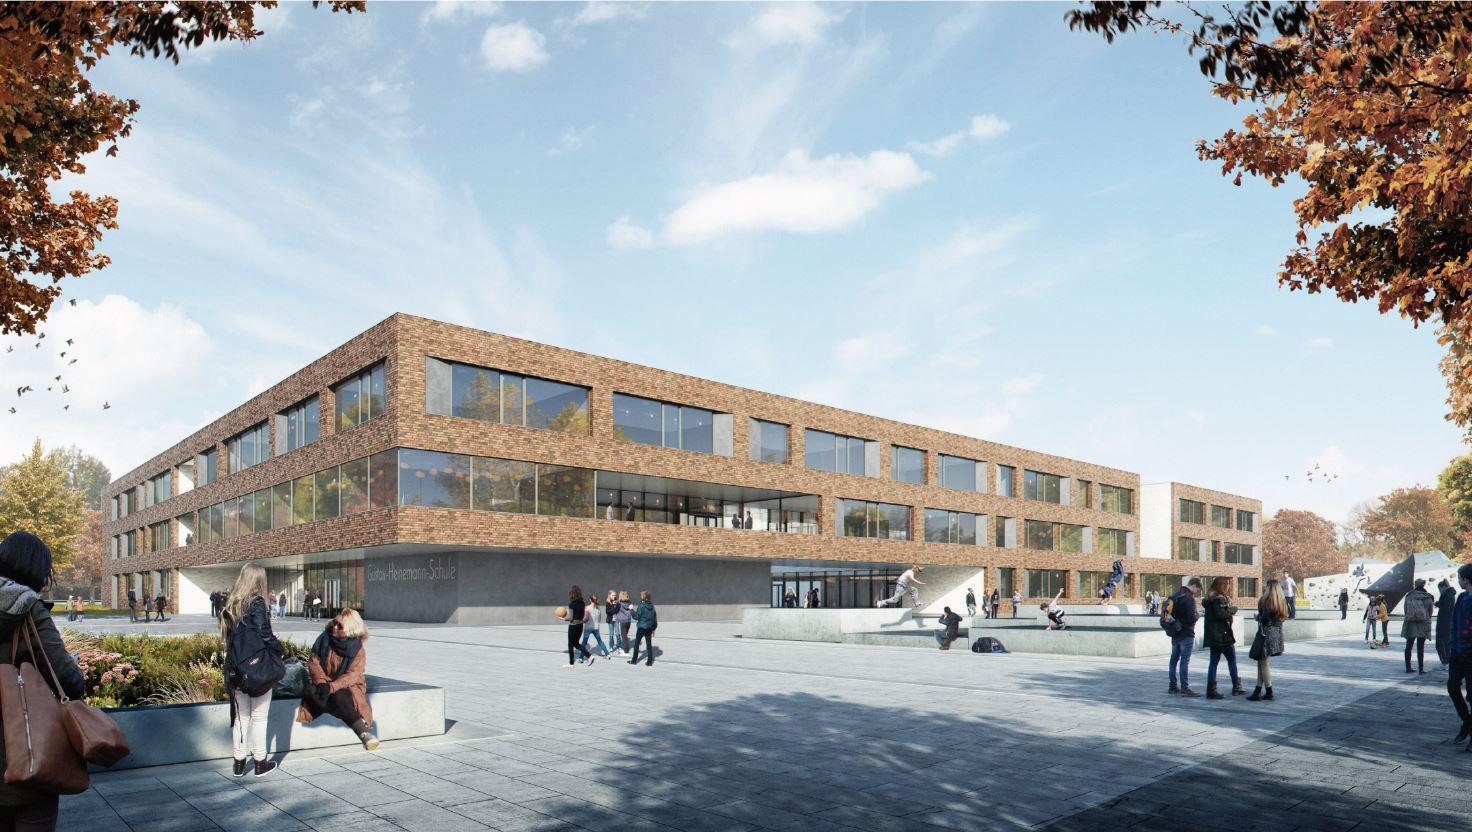 Visualisierung Neubau Gustav-Heinemann-Gesamtschule. Das Bild zeigt den Eingangsbereich und das dreigeschossige Schulgebäude.